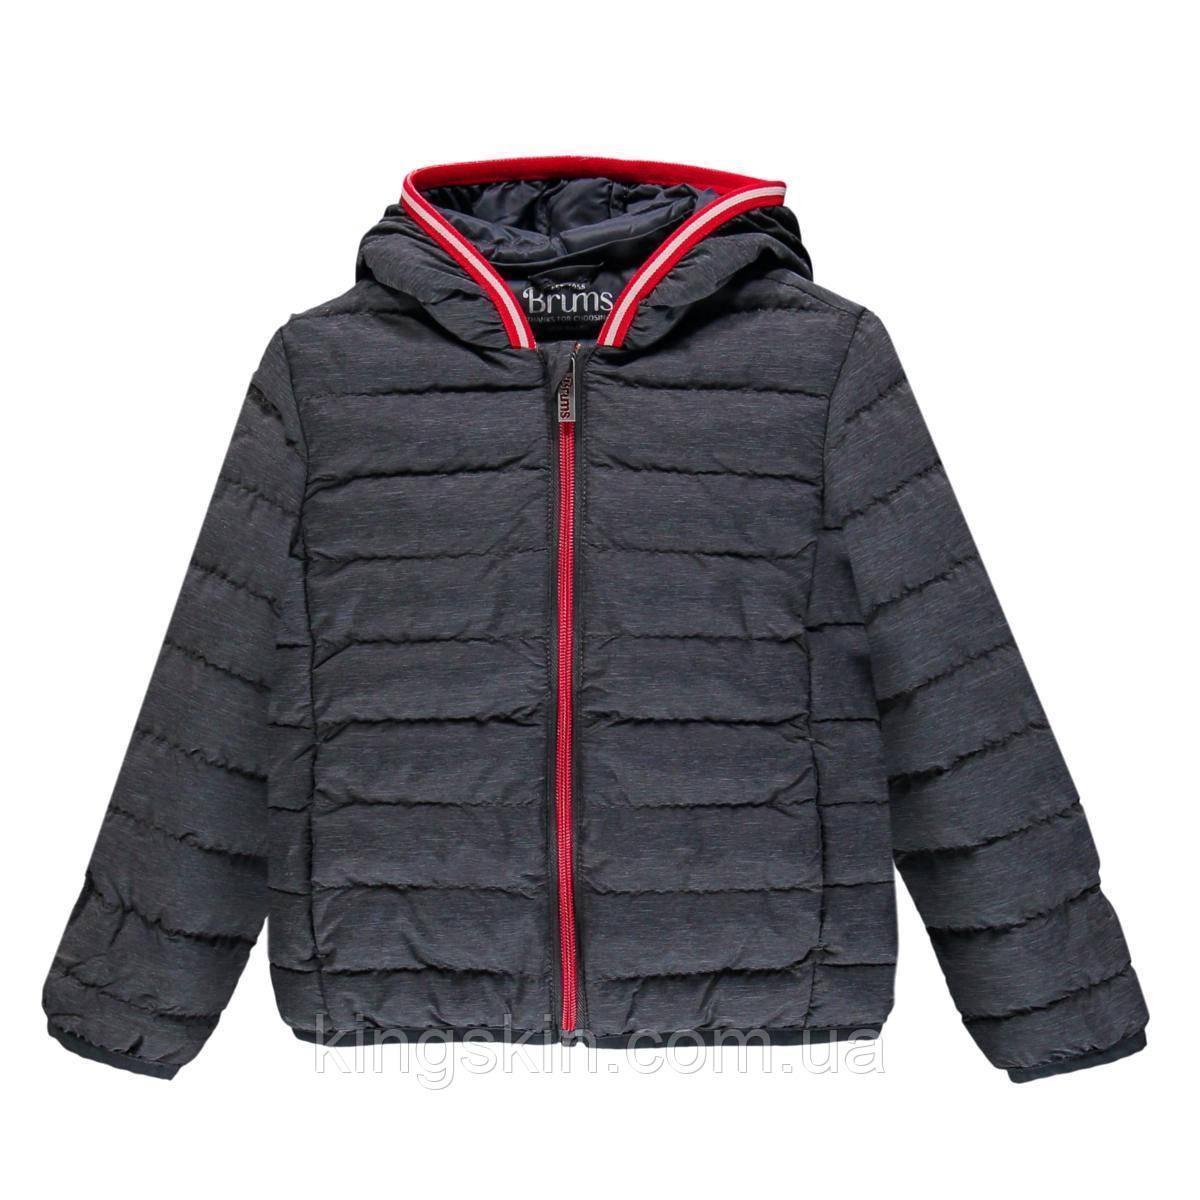 Куртка Brums Серый 140 (1049269752)